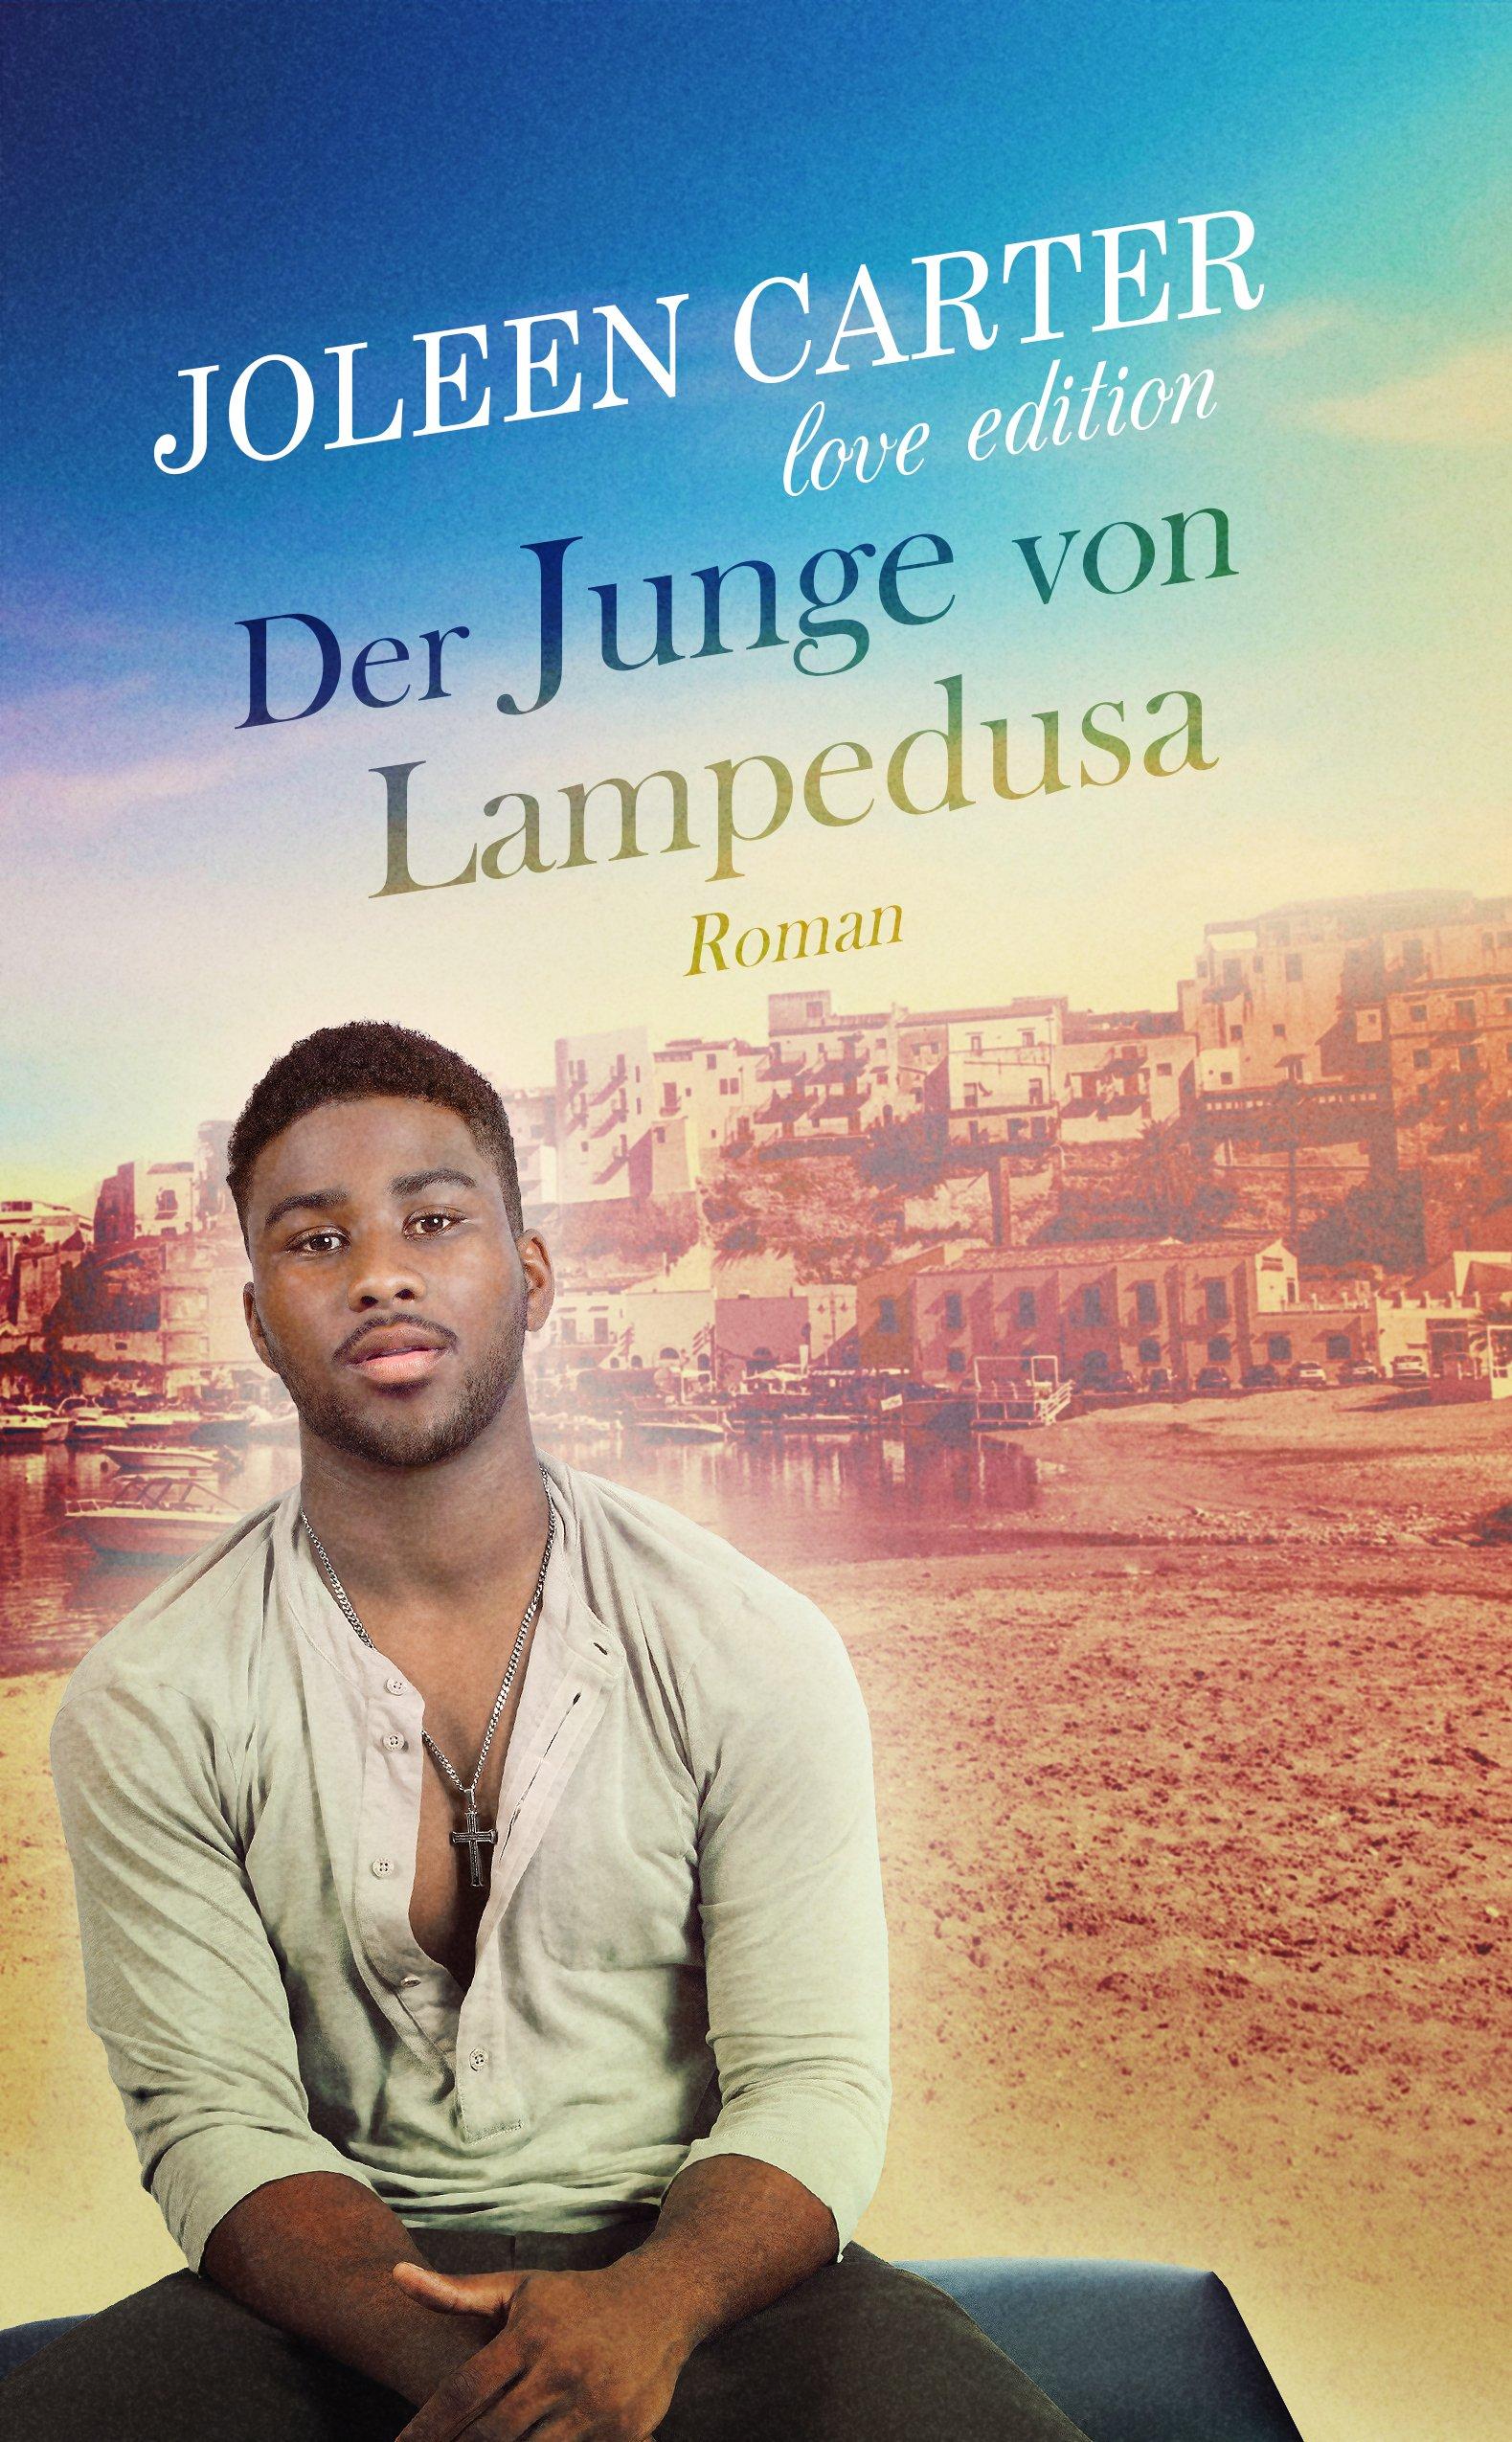 Der Junge Von Lampedusa  Love Edition